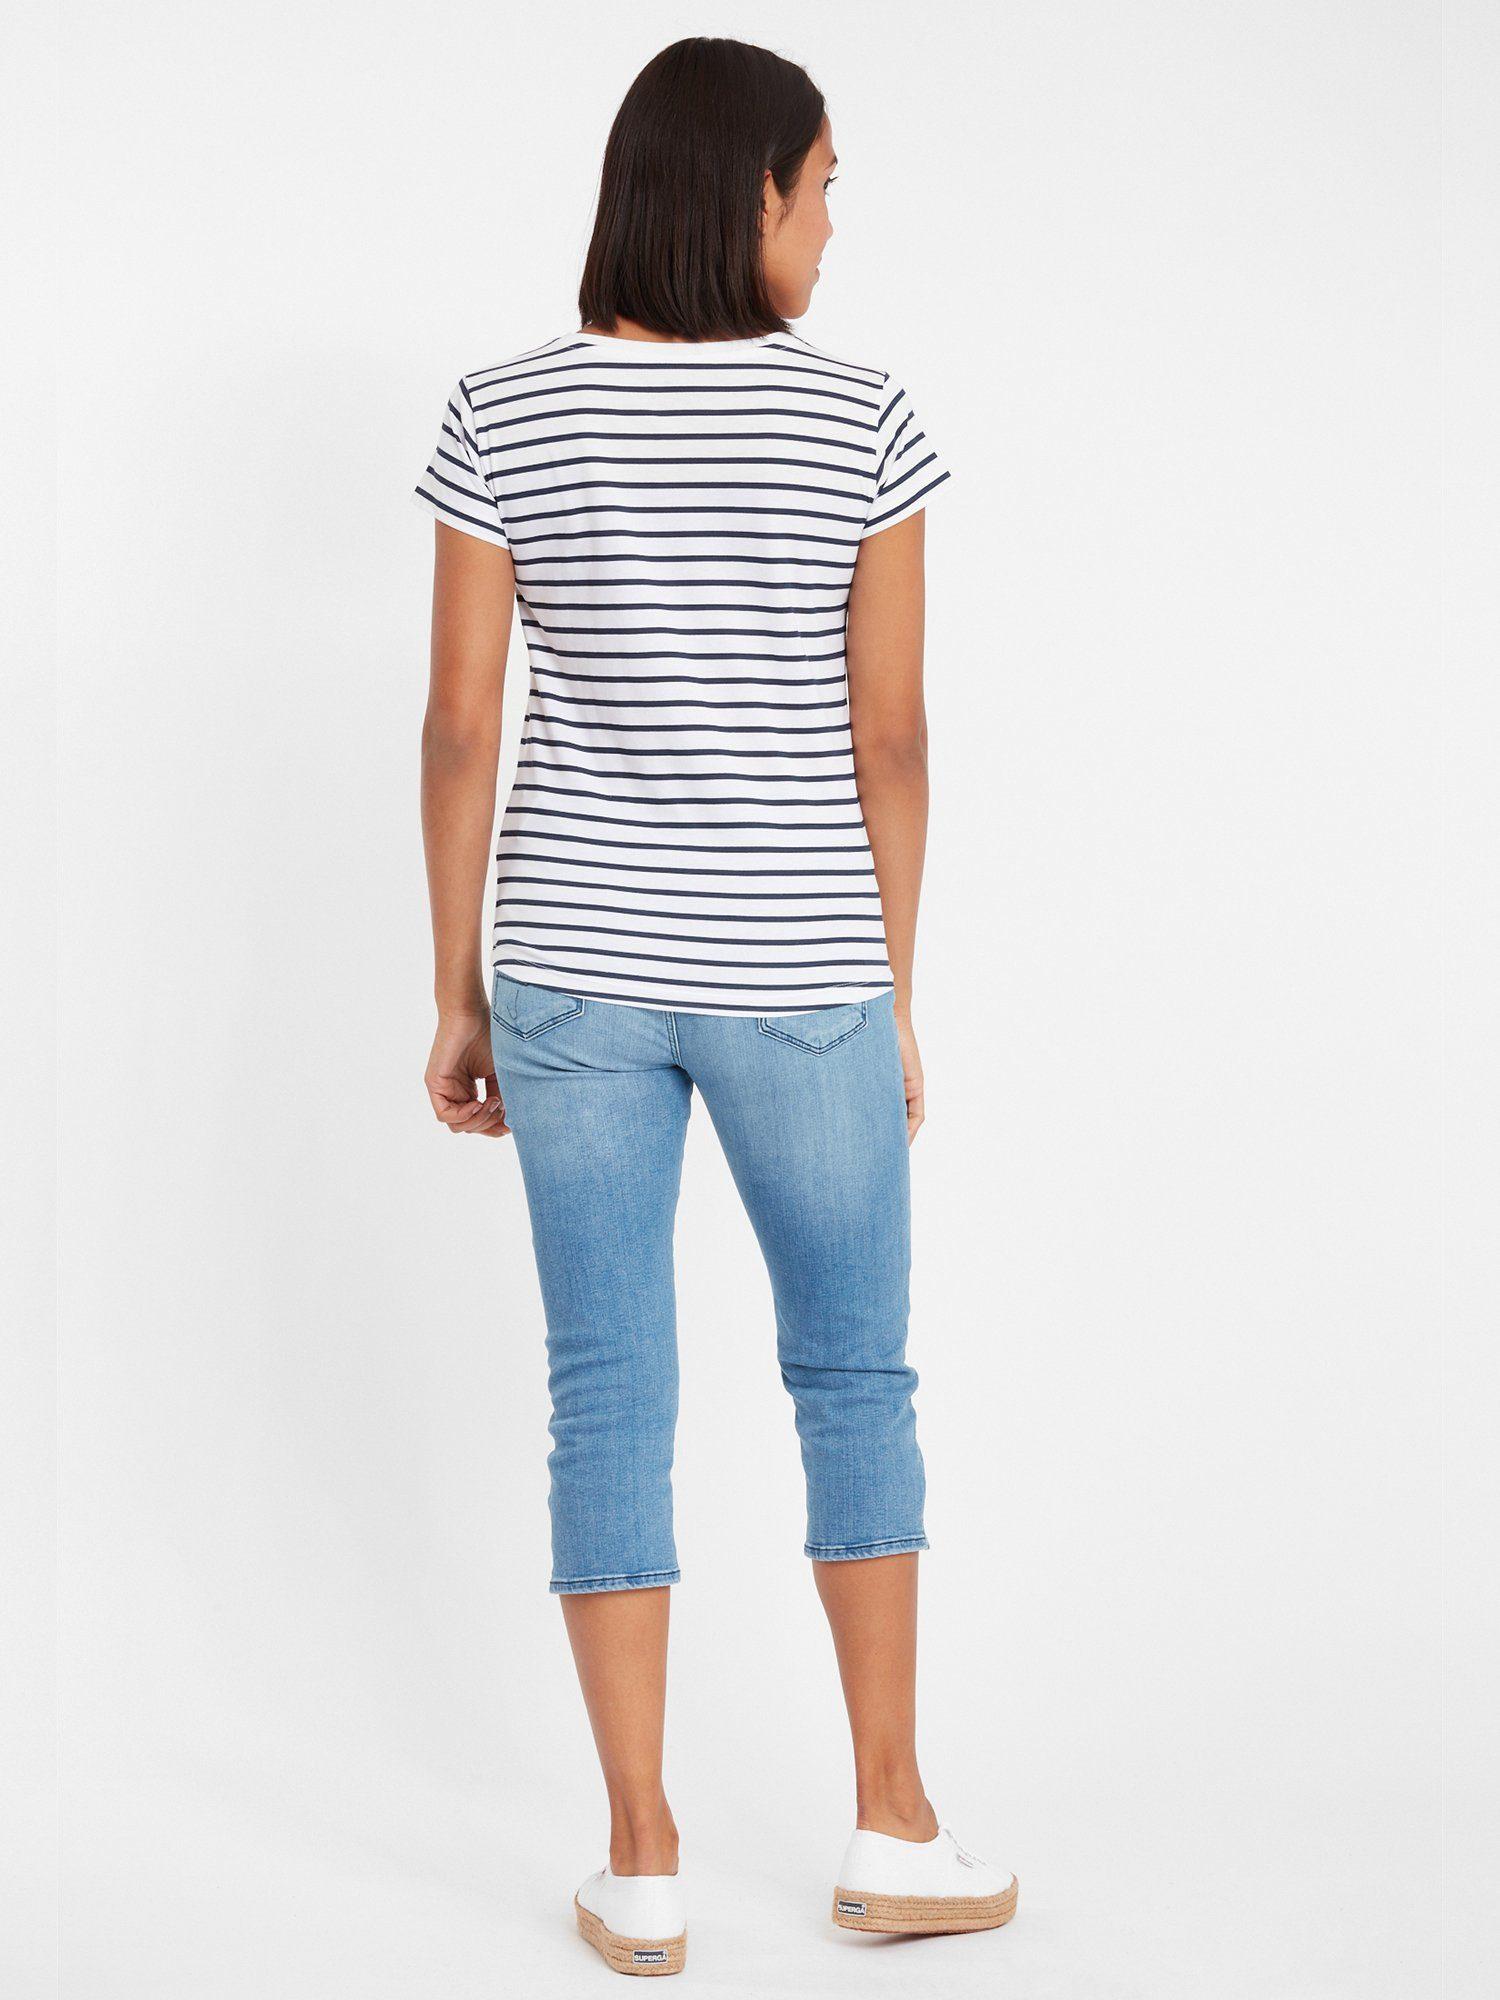 Cross Jeans T-shirt 55573 In De Online Winkel - Geweldige Prijs